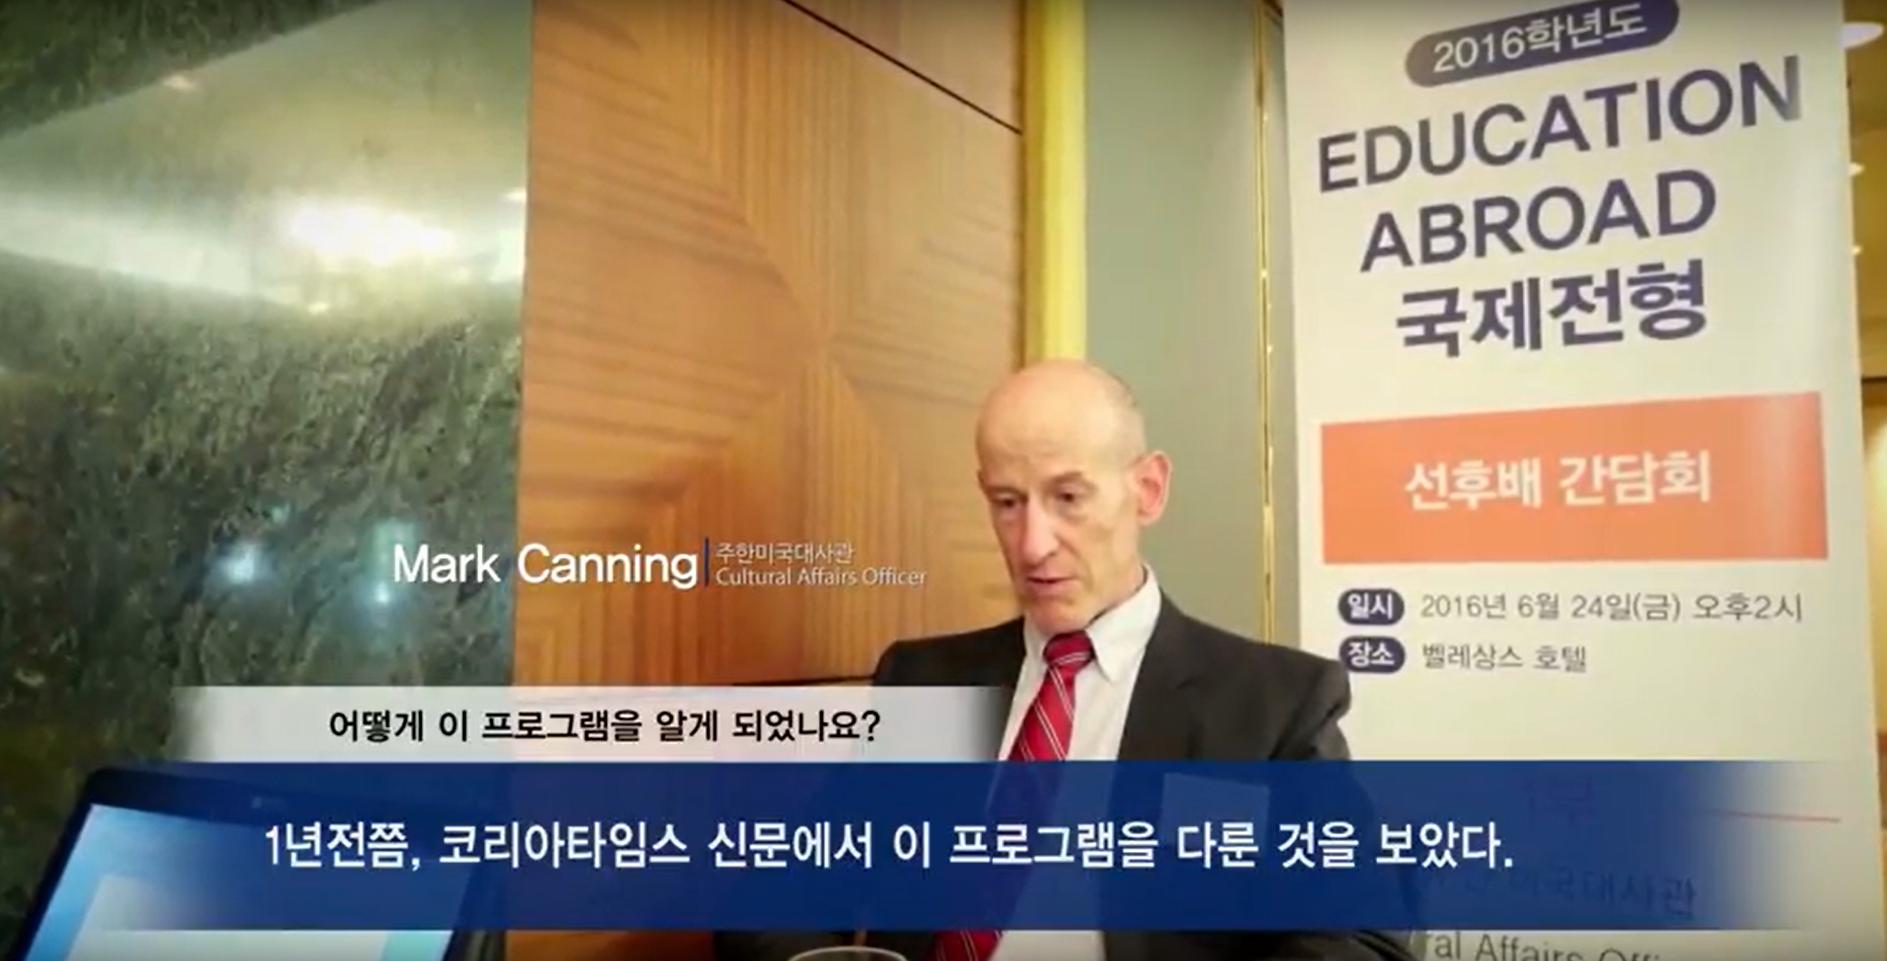 주한미국대사관 Mark Canning 문정관 인터뷰